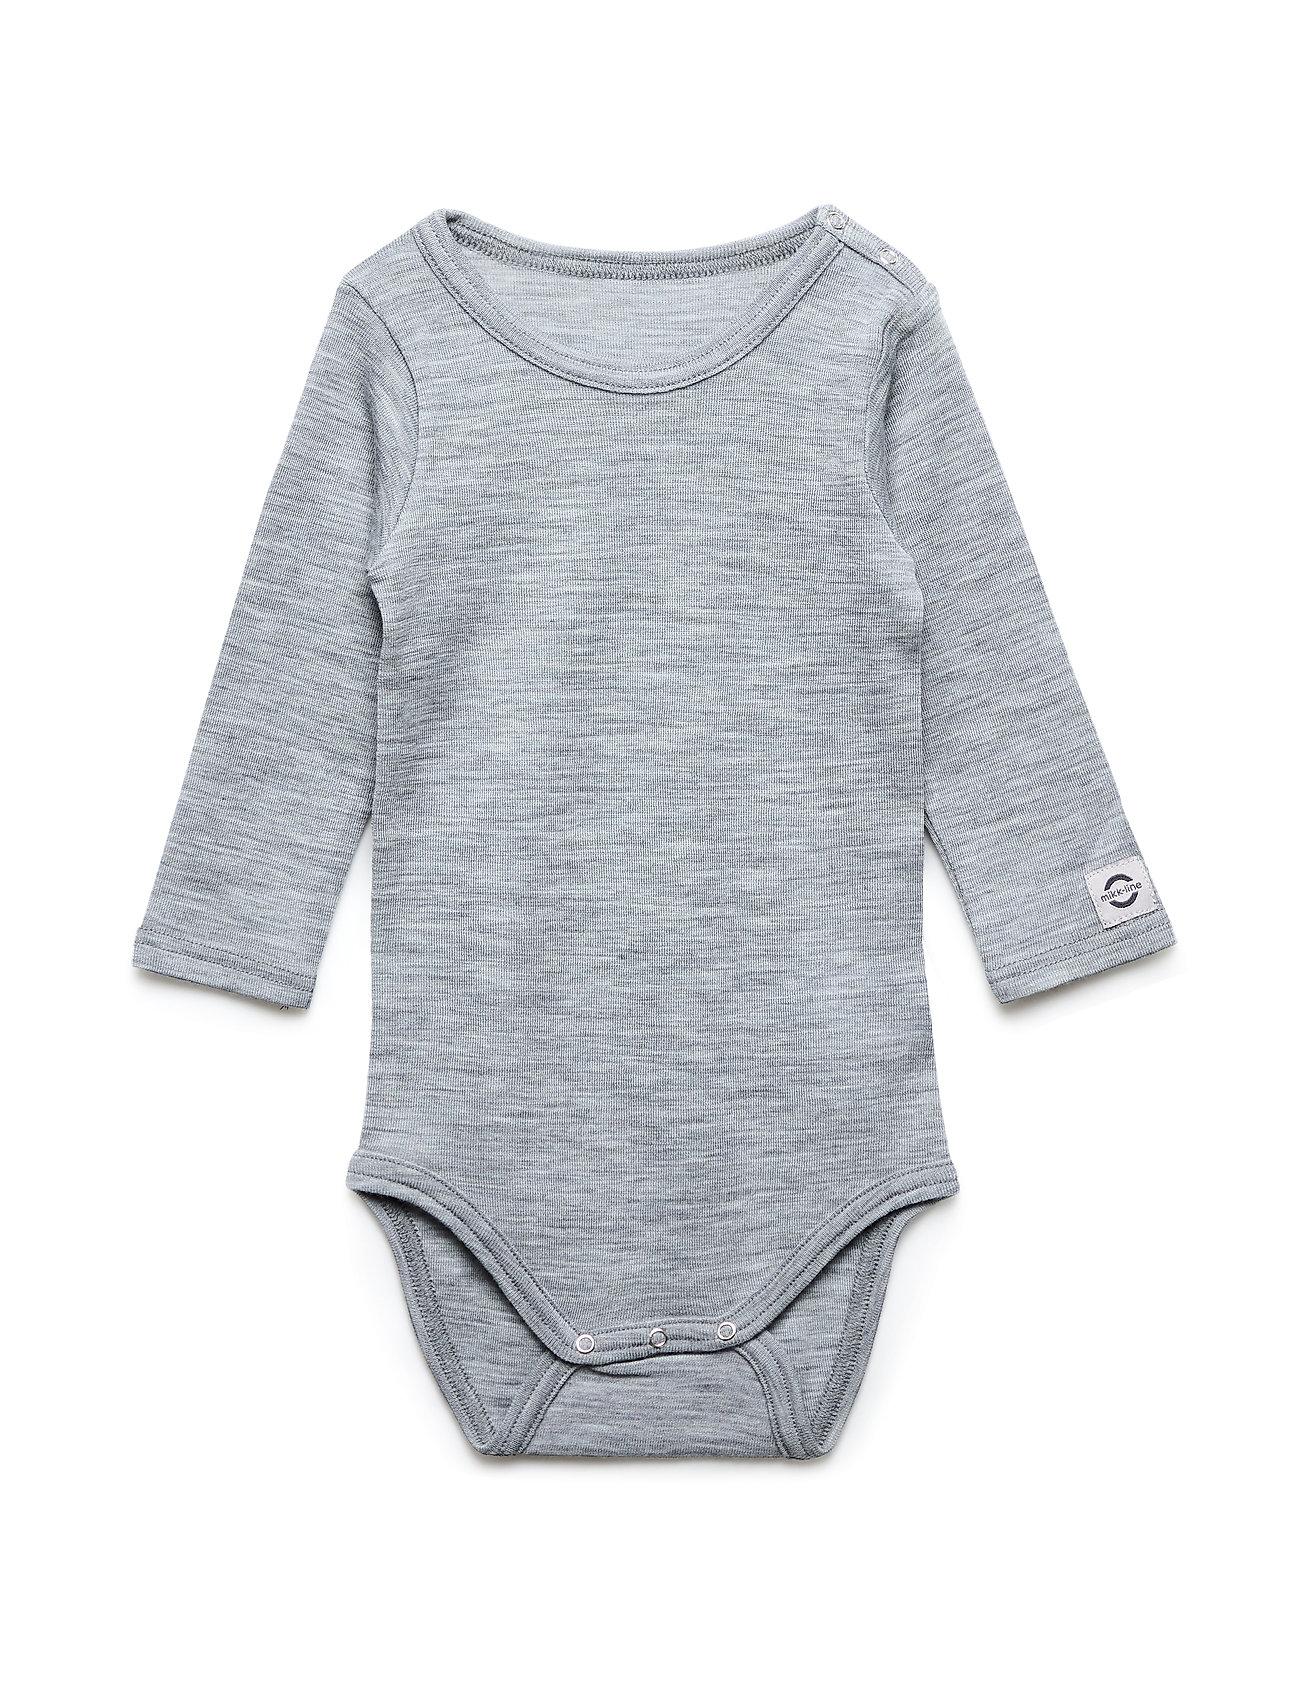 Mikk-Line Wool LS Body - PEARL GREY MELANGE